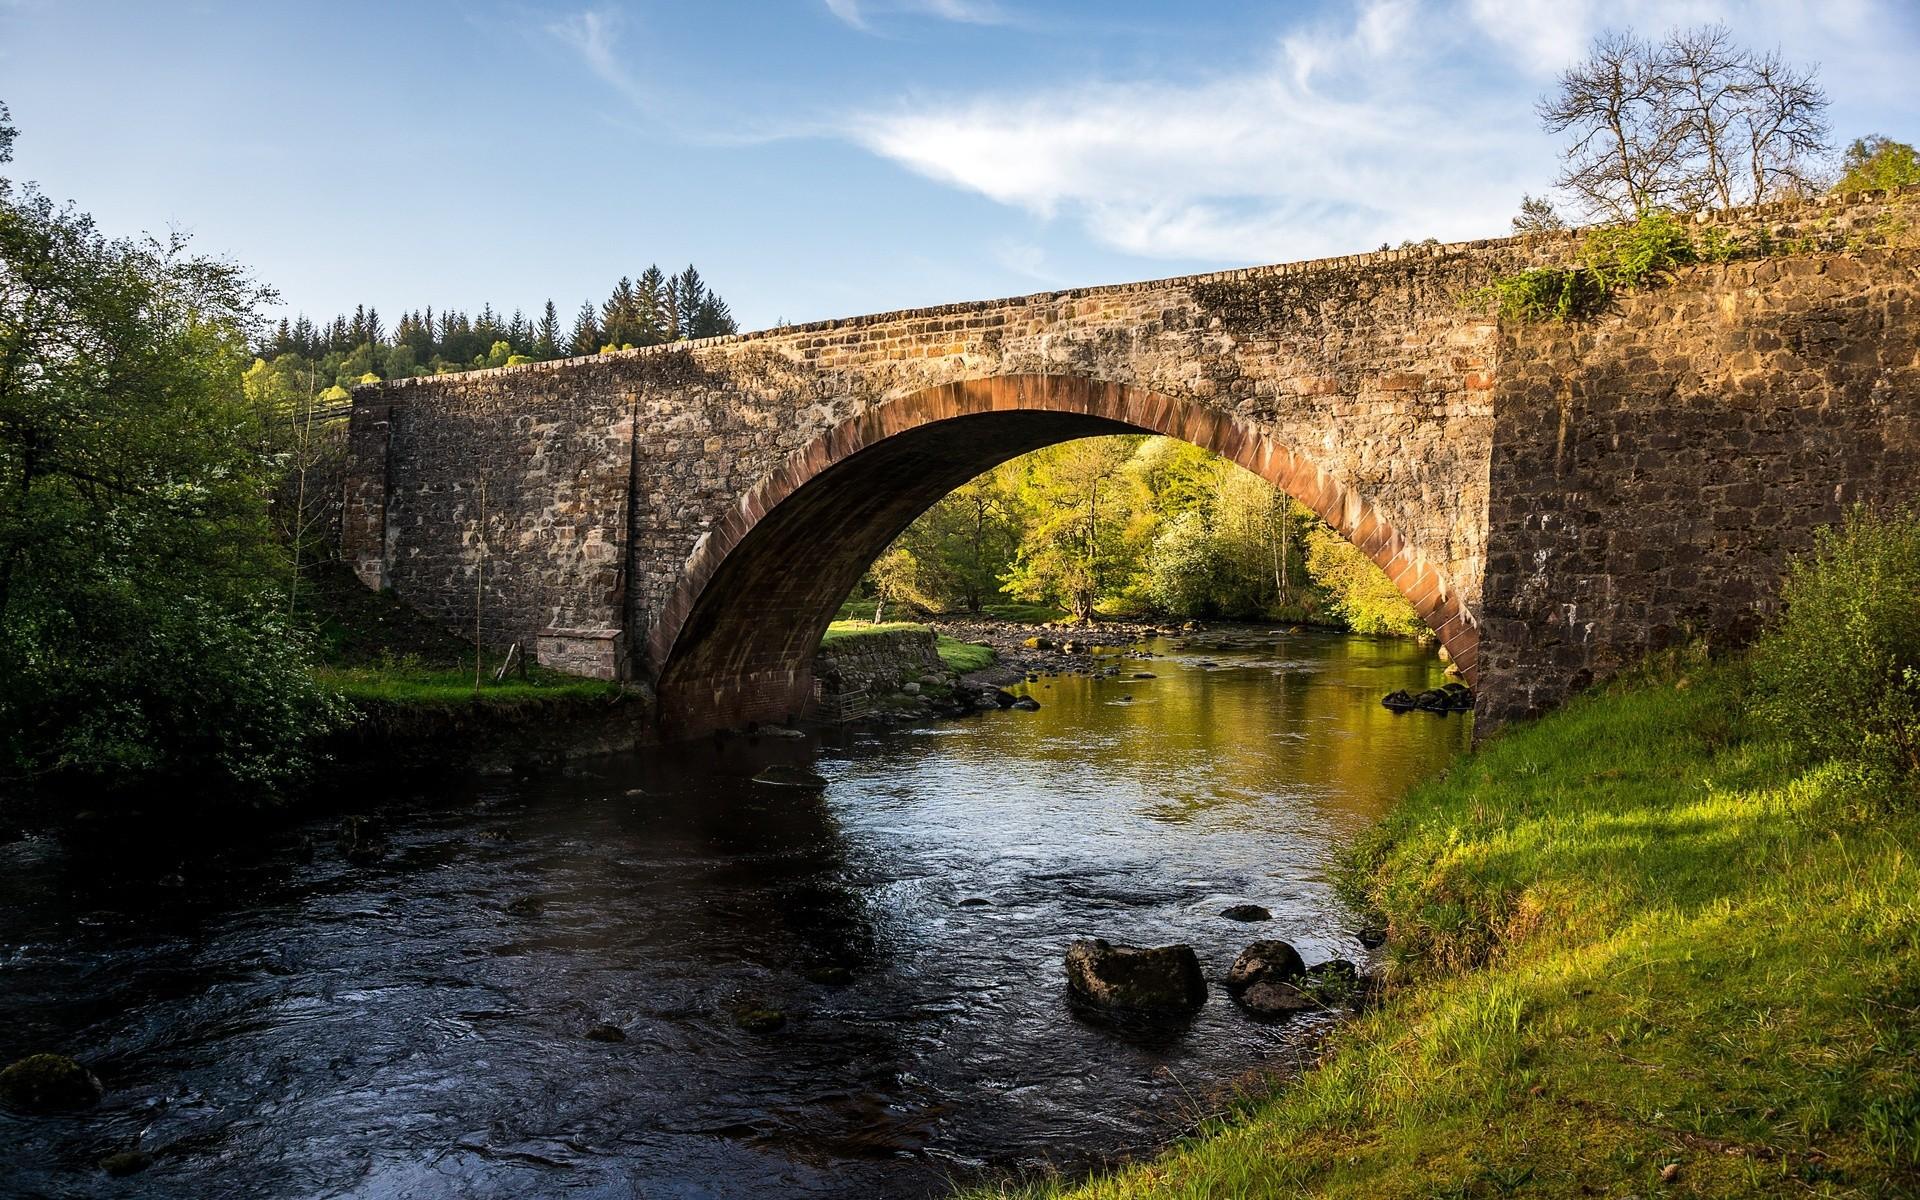 маленькому мост через речку картинка можно